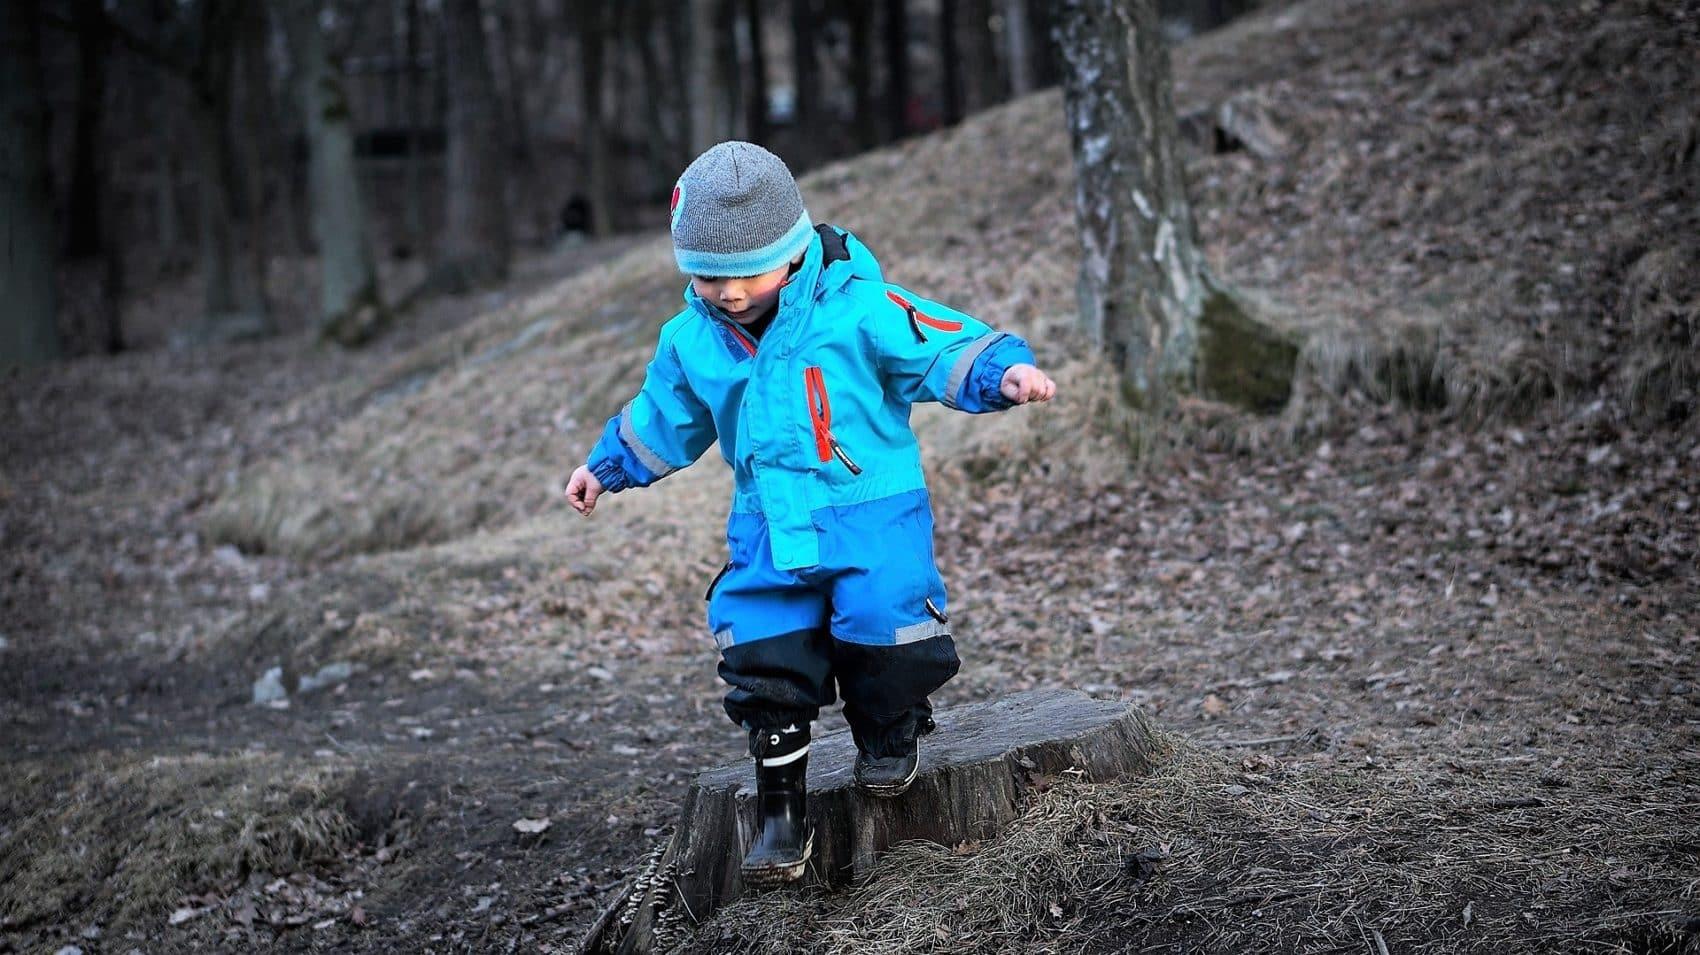 Kinder die Natur frei entdecken lassen in Villach